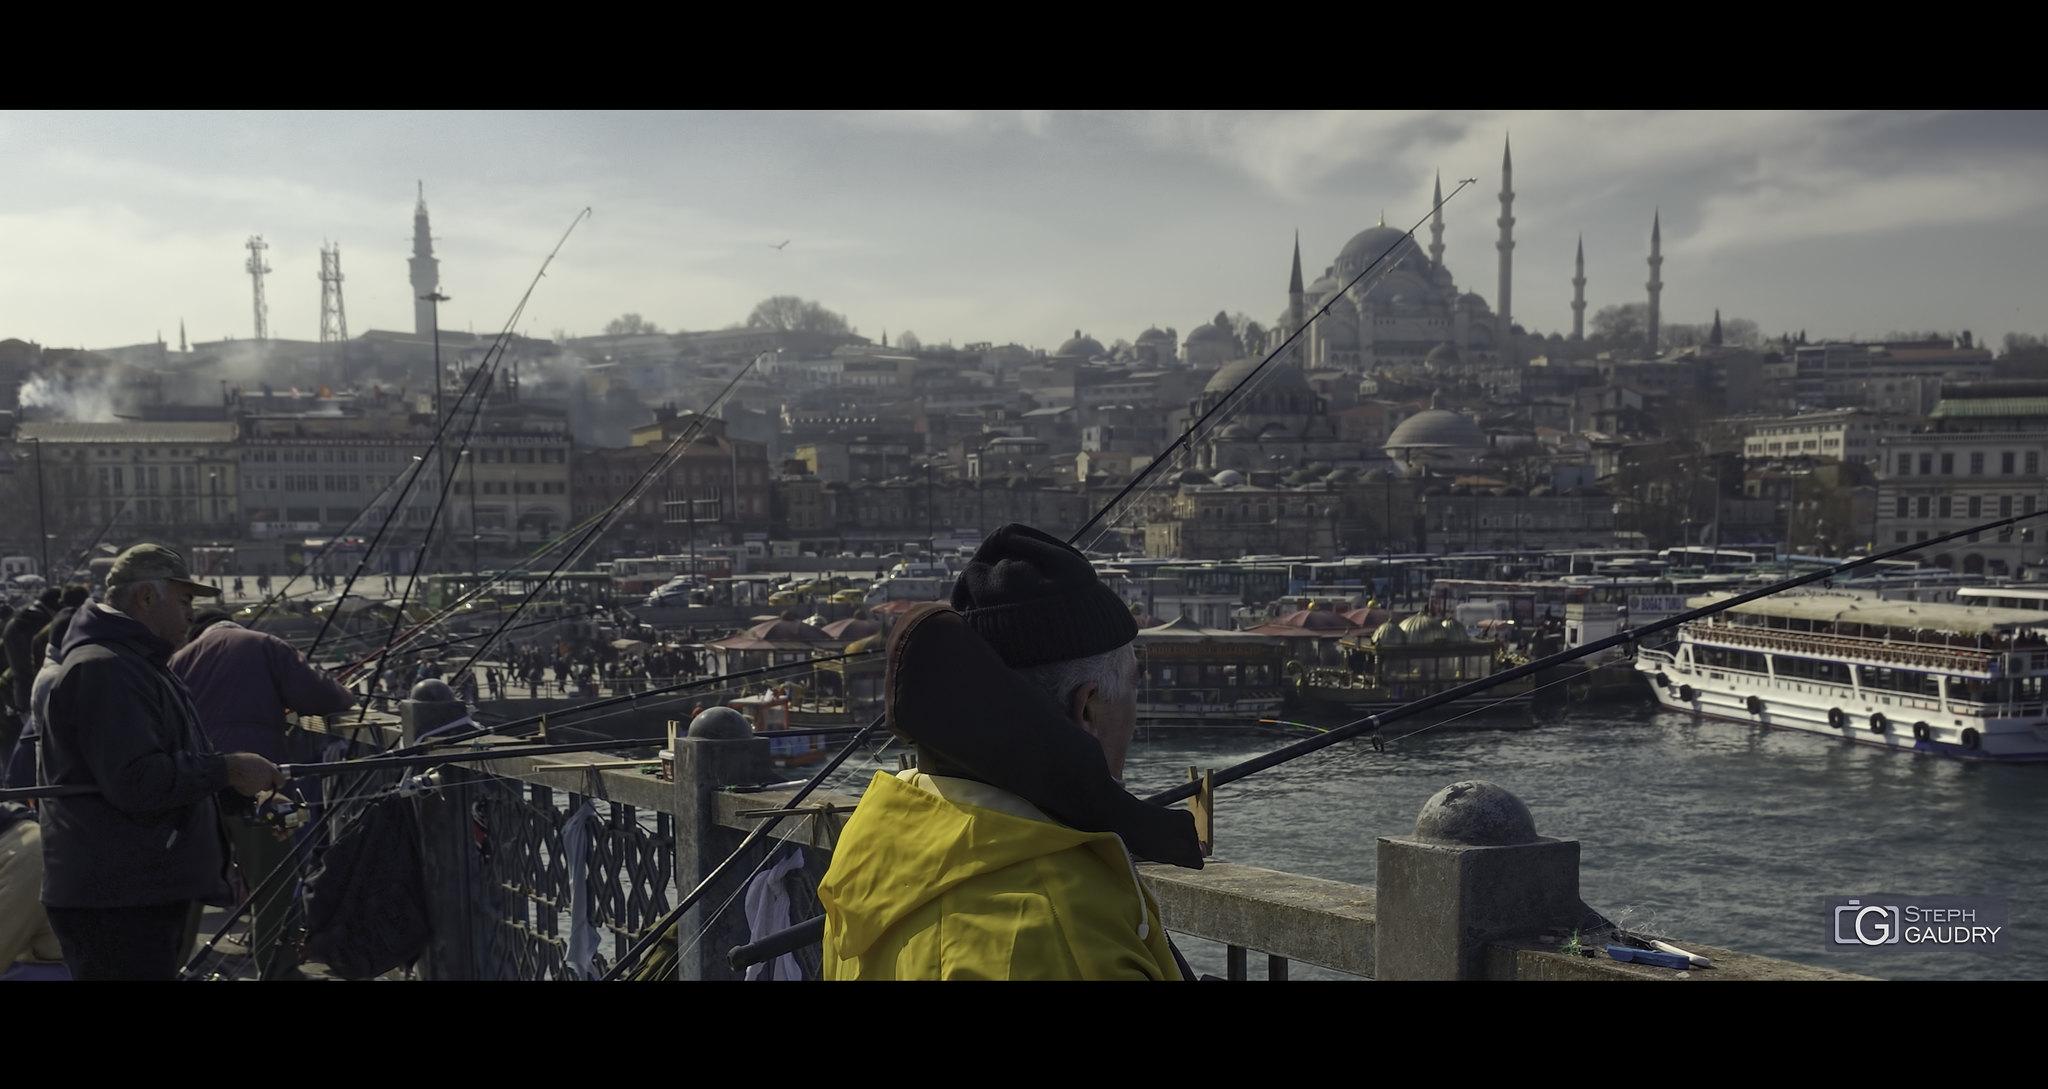 Istanbul, Fishermen on Galata Bridge (cinemascope version) [Cliquez pour lancer le diaporama]